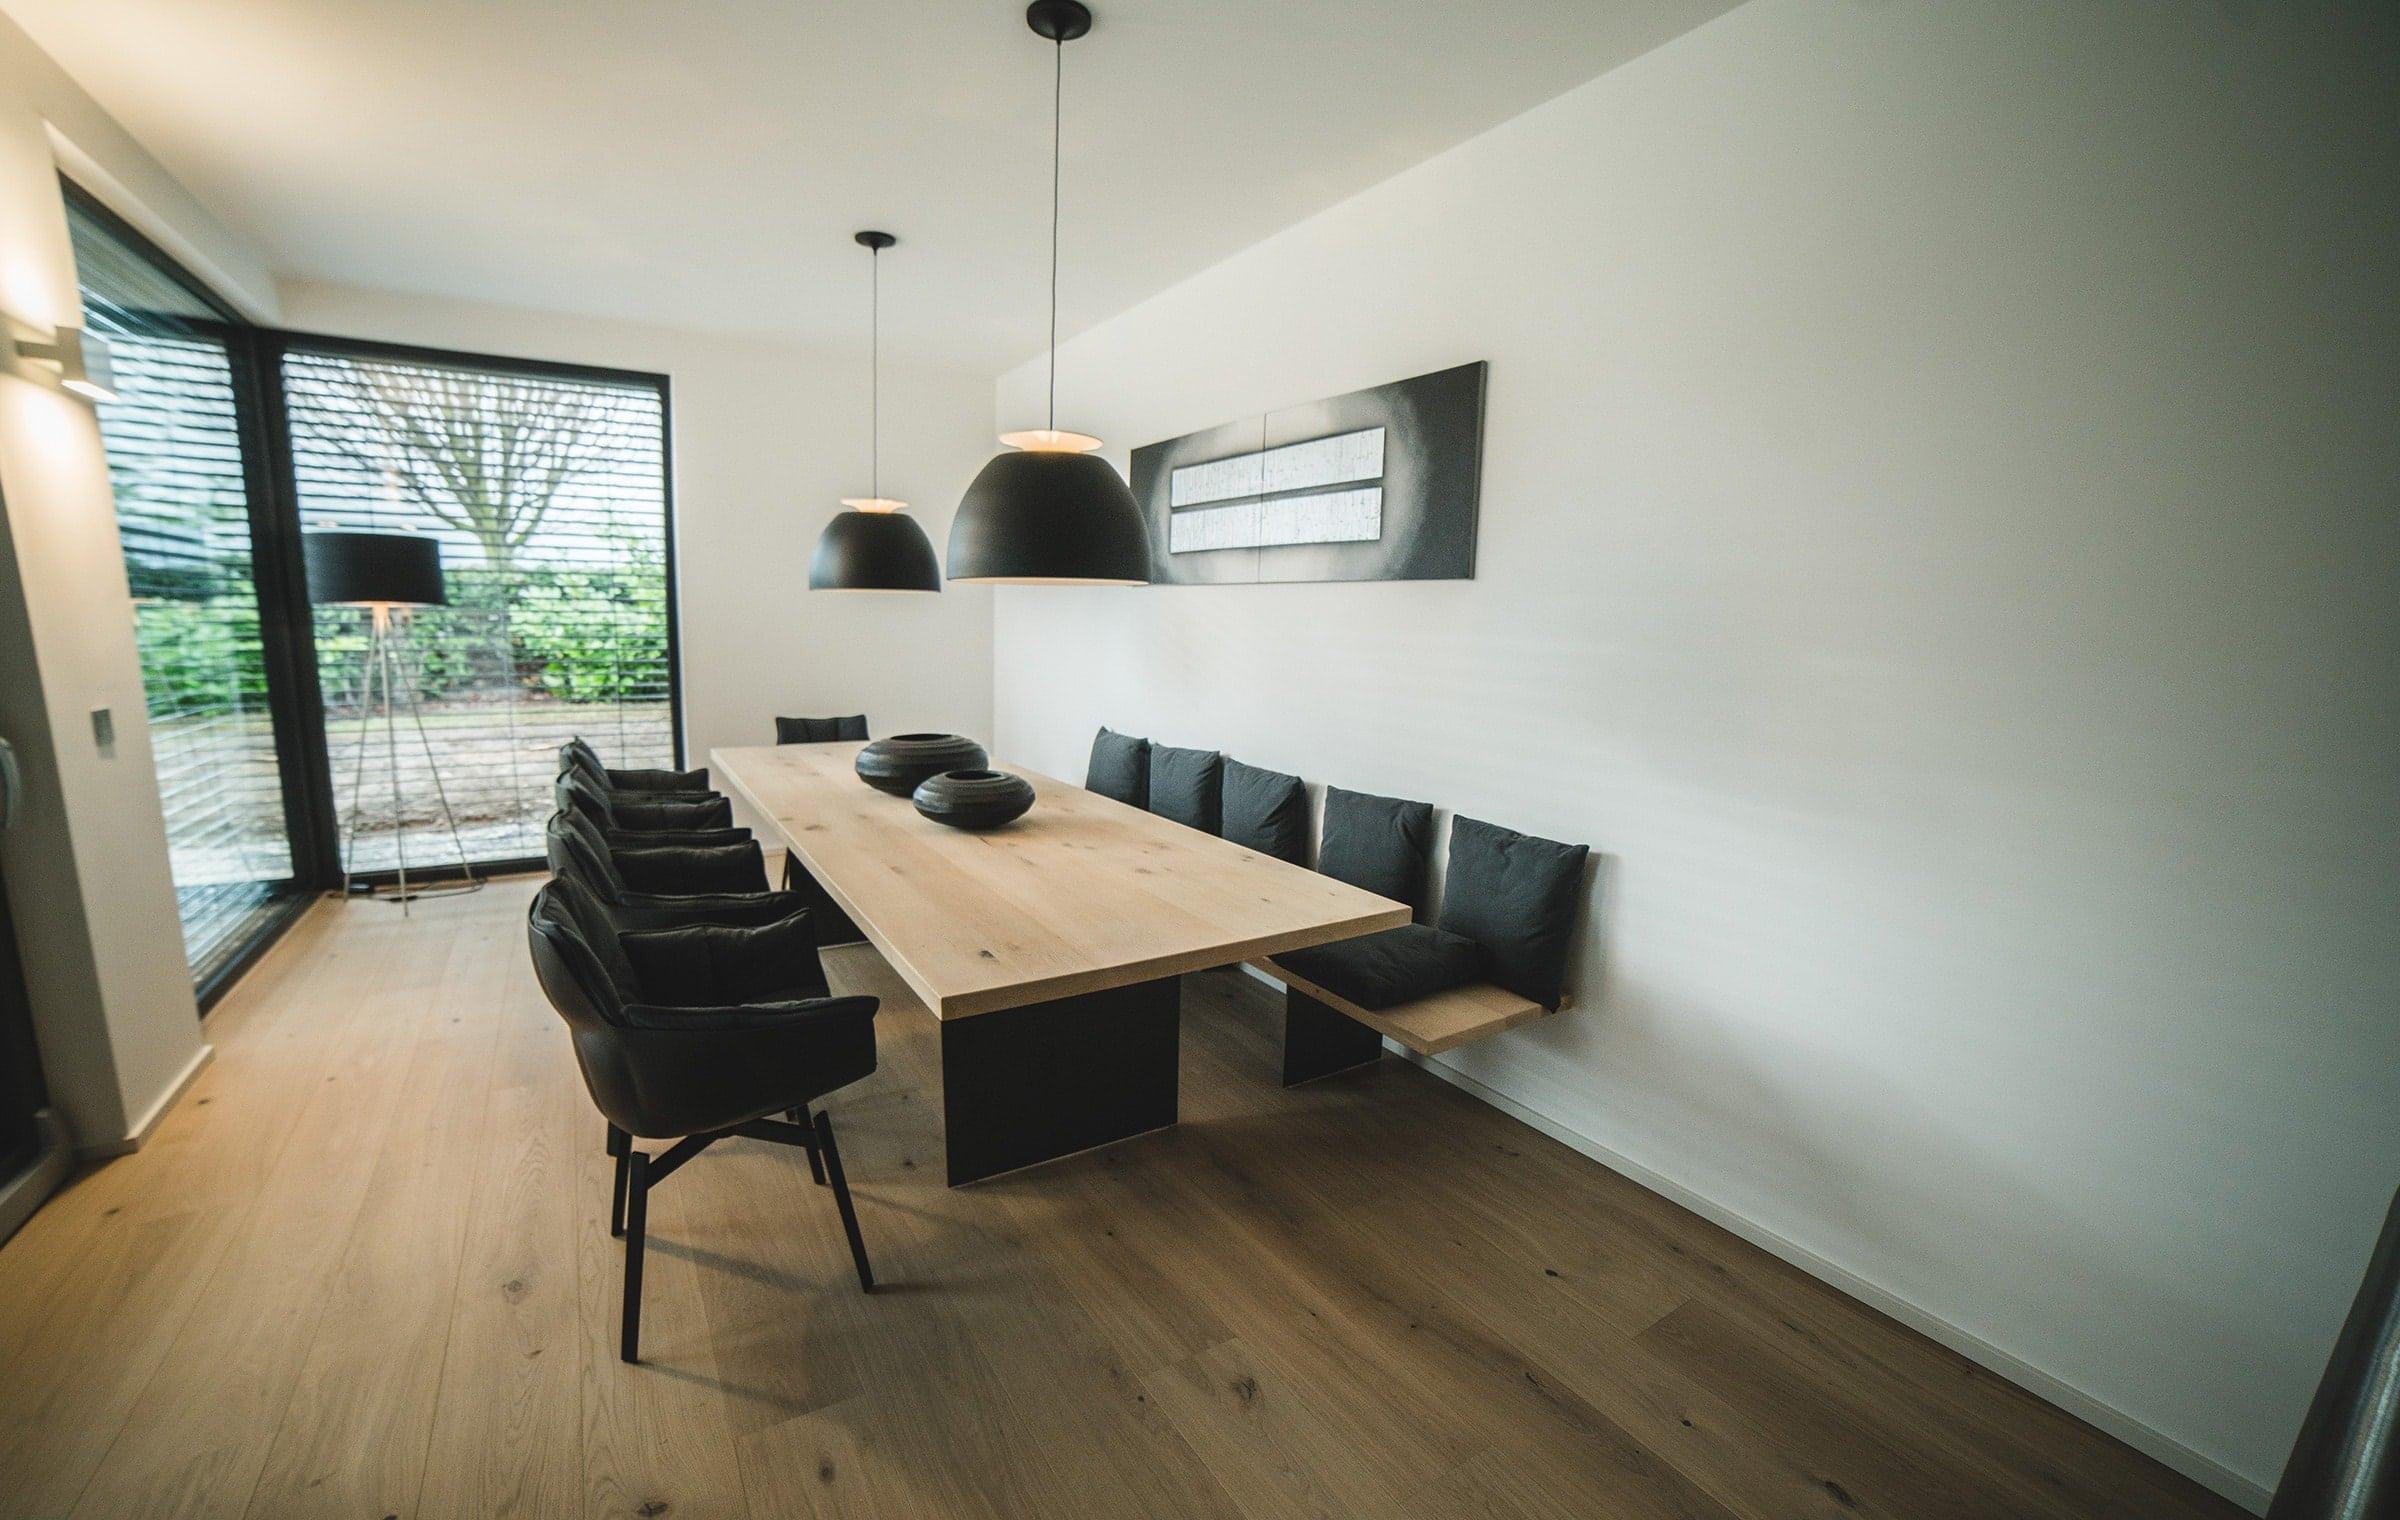 Maßangefertigter Esstisch aus Holz nach Fertigstellung von Parga